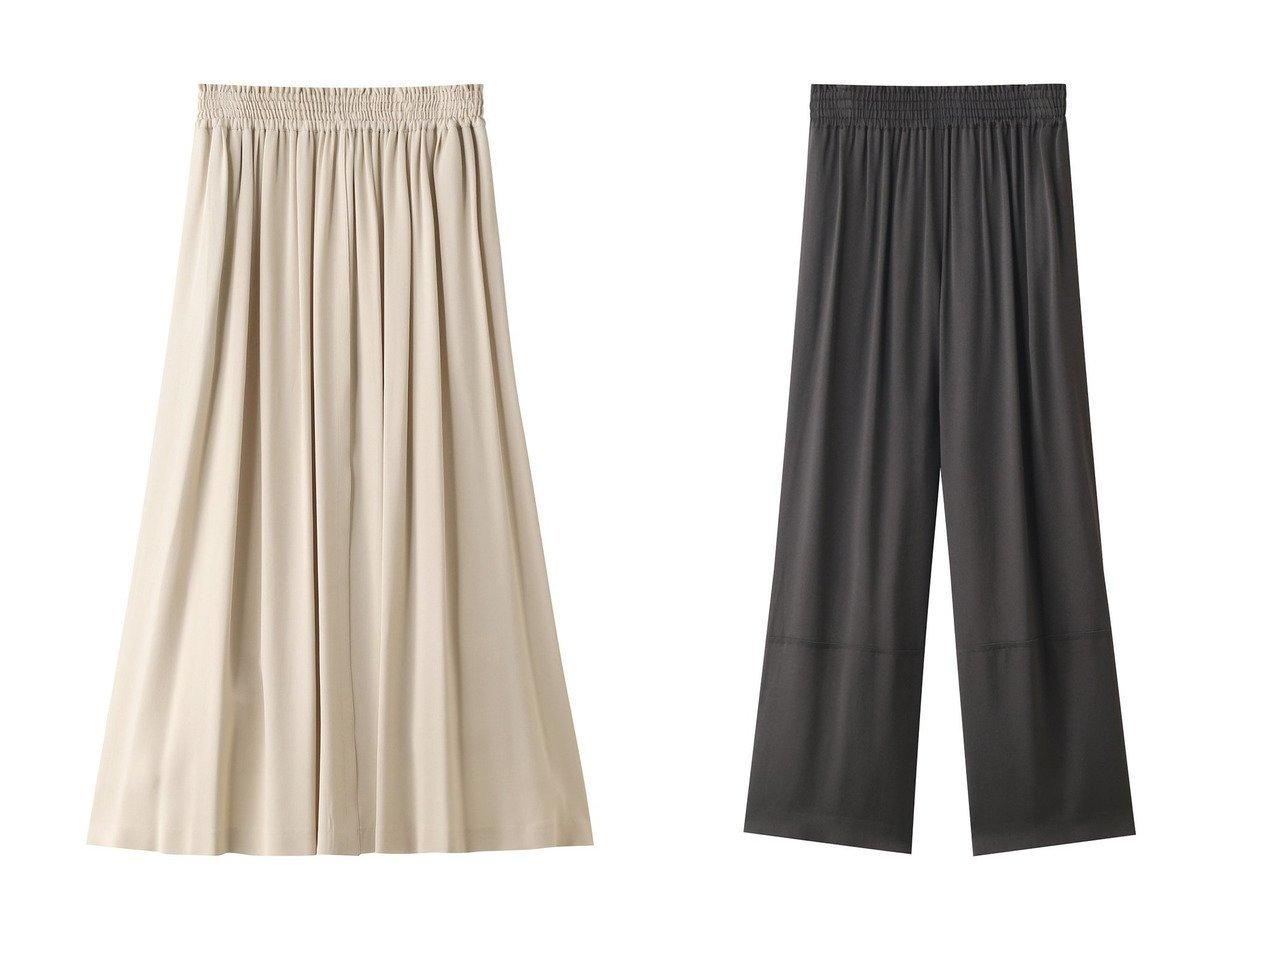 【ebure/エブール】のピュアビスコース フレアパンツ&ピュアビスコース ギャザースカート ebureのおすすめ!人気、トレンド・レディースファッションの通販 おすすめで人気の流行・トレンド、ファッションの通販商品 メンズファッション・キッズファッション・インテリア・家具・レディースファッション・服の通販 founy(ファニー) https://founy.com/ ファッション Fashion レディースファッション WOMEN パンツ Pants スカート Skirt ロングスカート Long Skirt 2021年 2021 2021 春夏 S/S SS Spring/Summer 2021 S/S 春夏 SS Spring/Summer サテン シャーリング シンプル フレア ワイド 春 Spring  ID:crp329100000016954